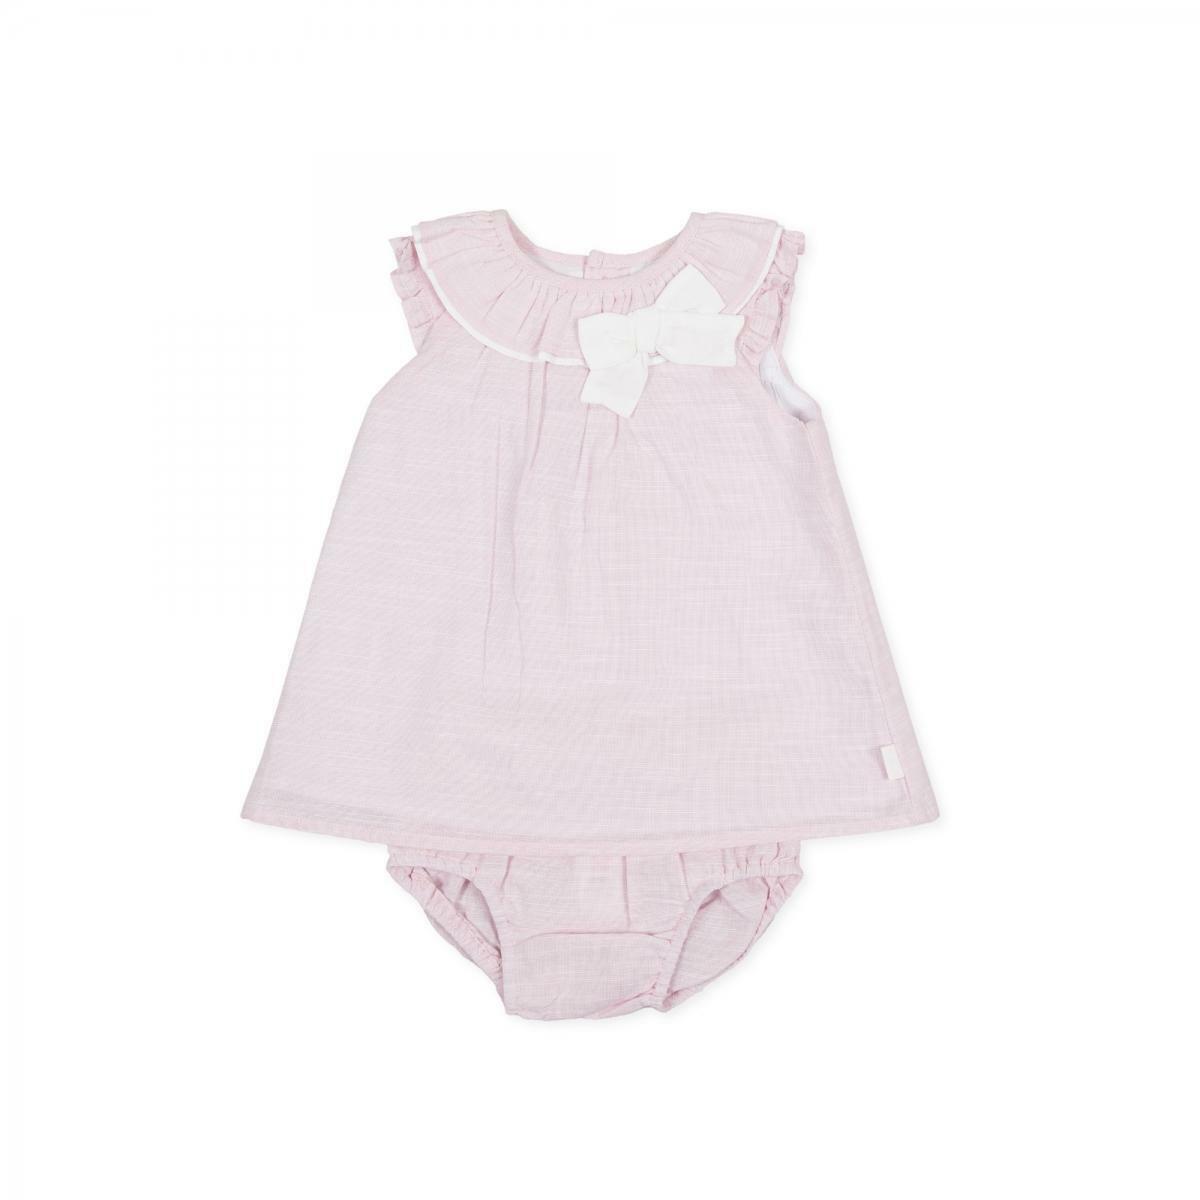 tutto piccolo tutto piccolo vestitino neonata  rosa 8210s20